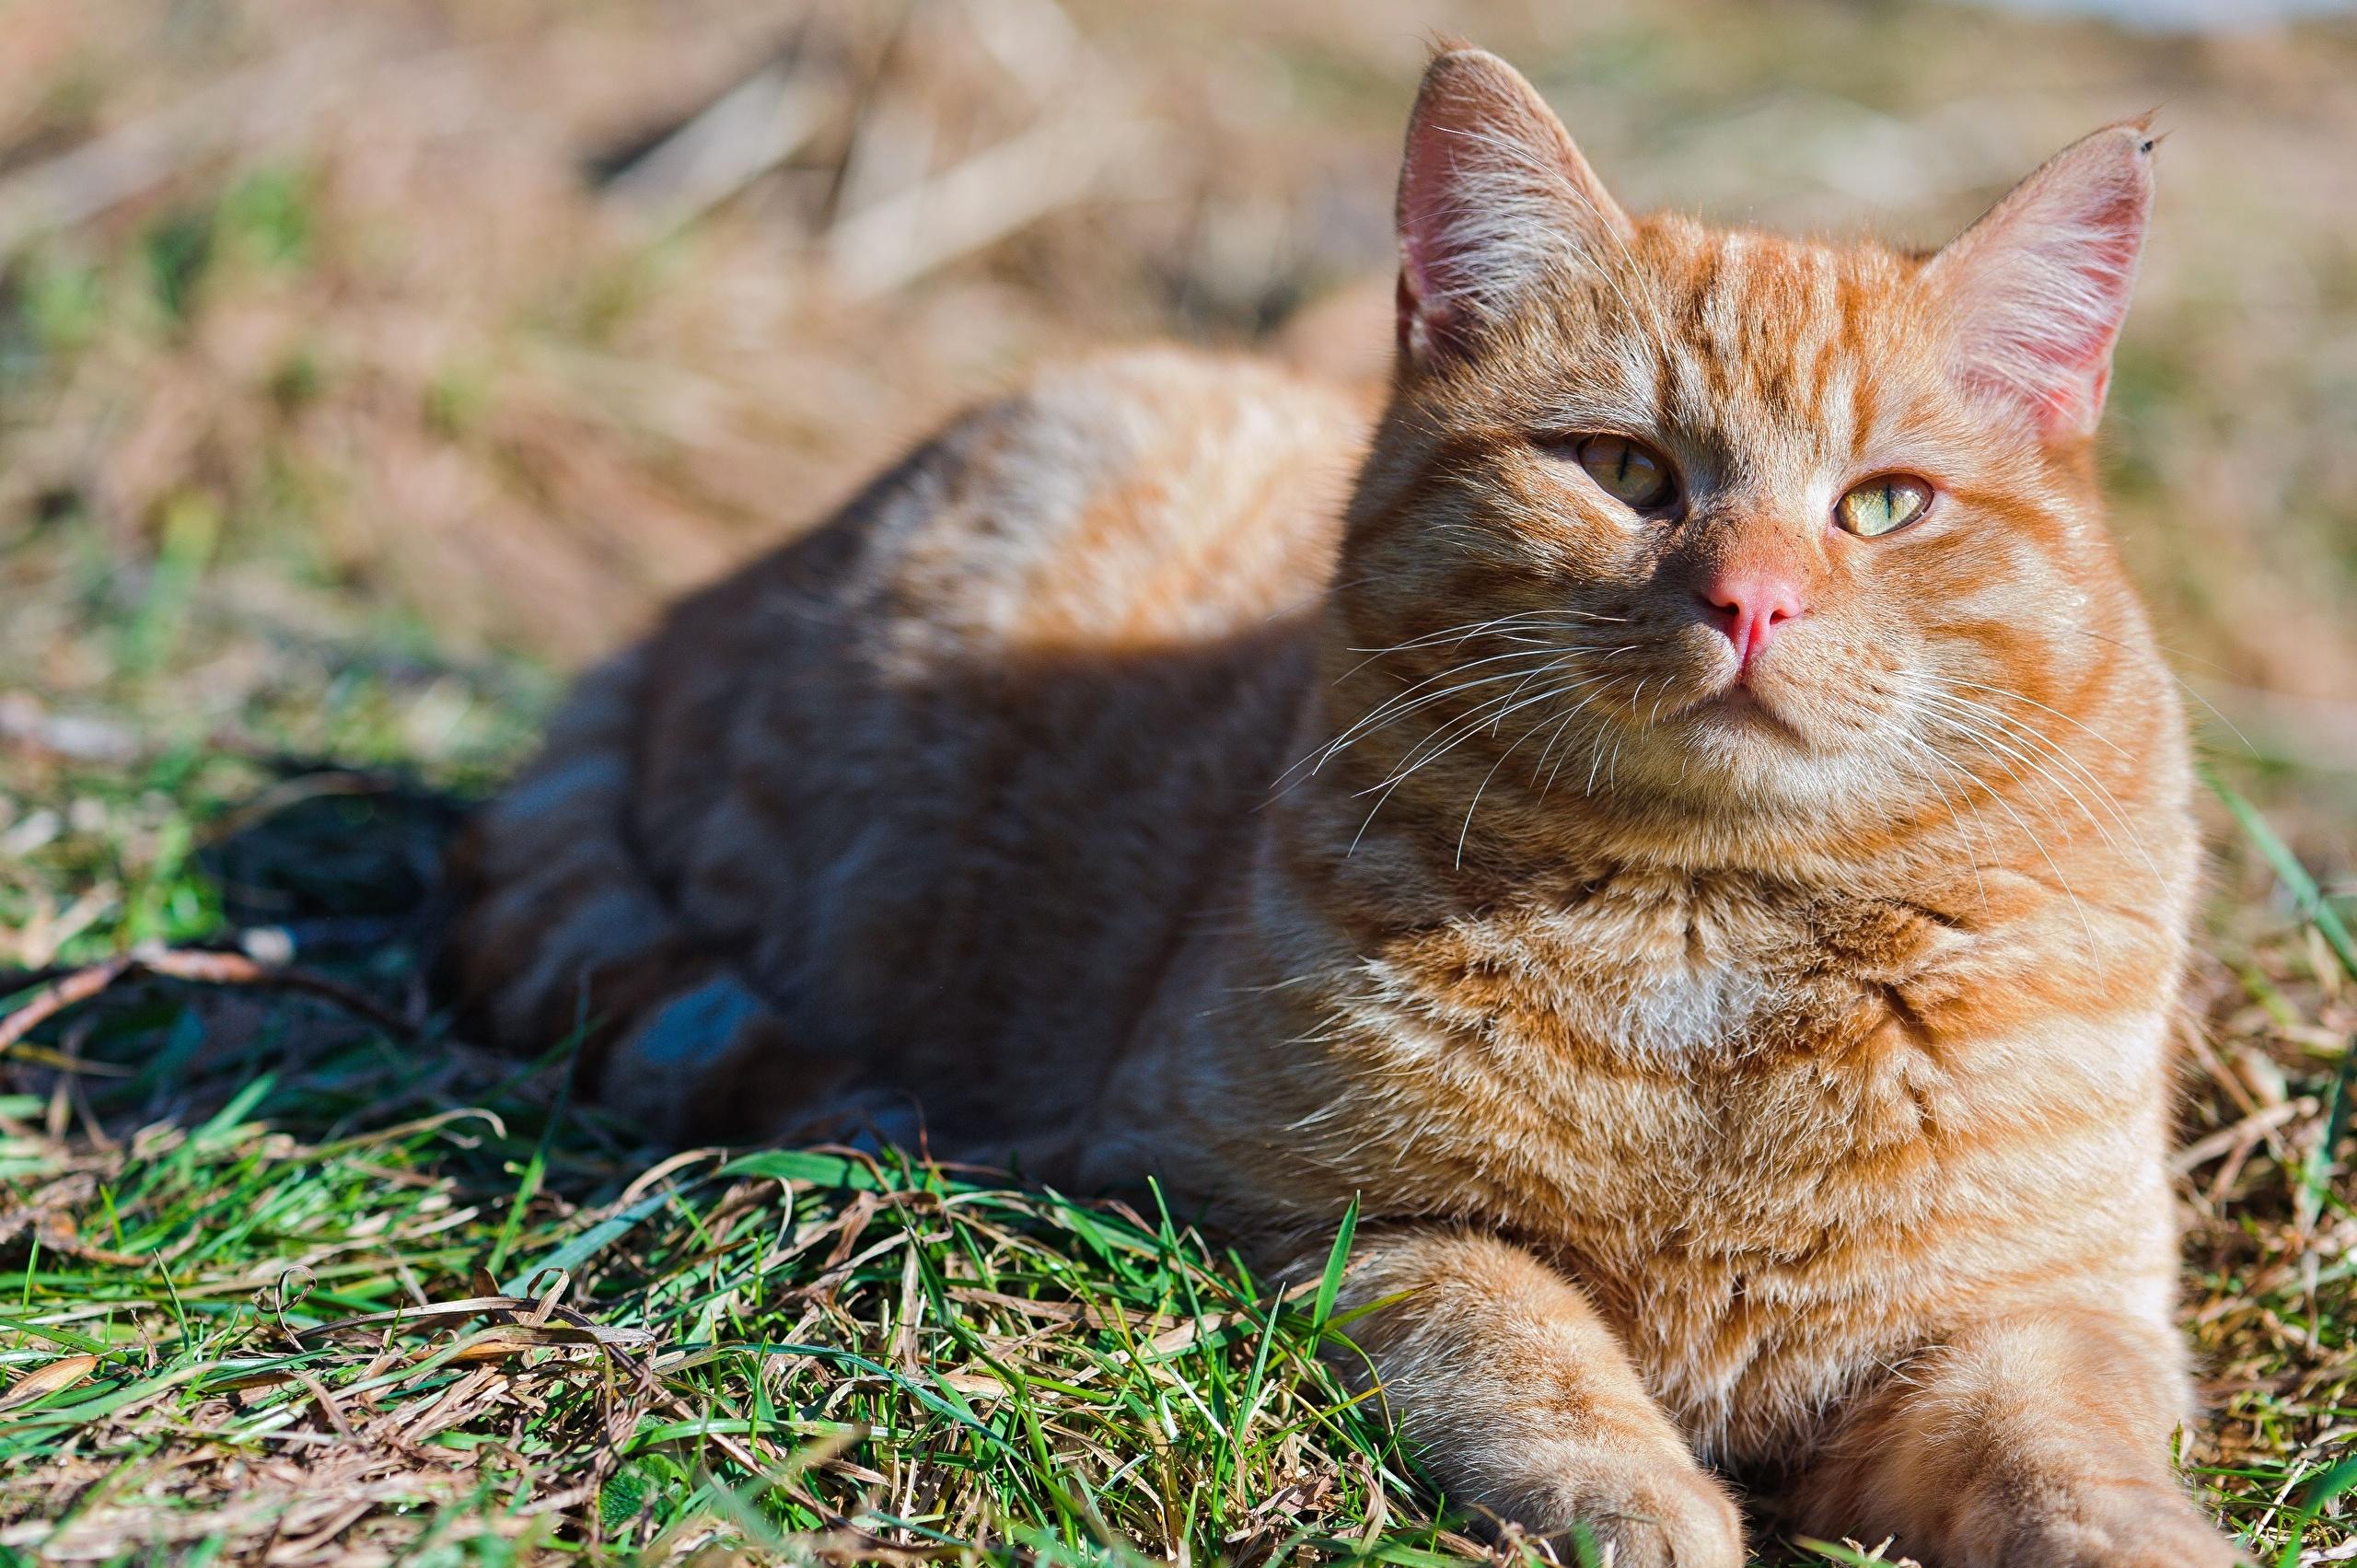 природа животные рыжий кот  № 941004 загрузить